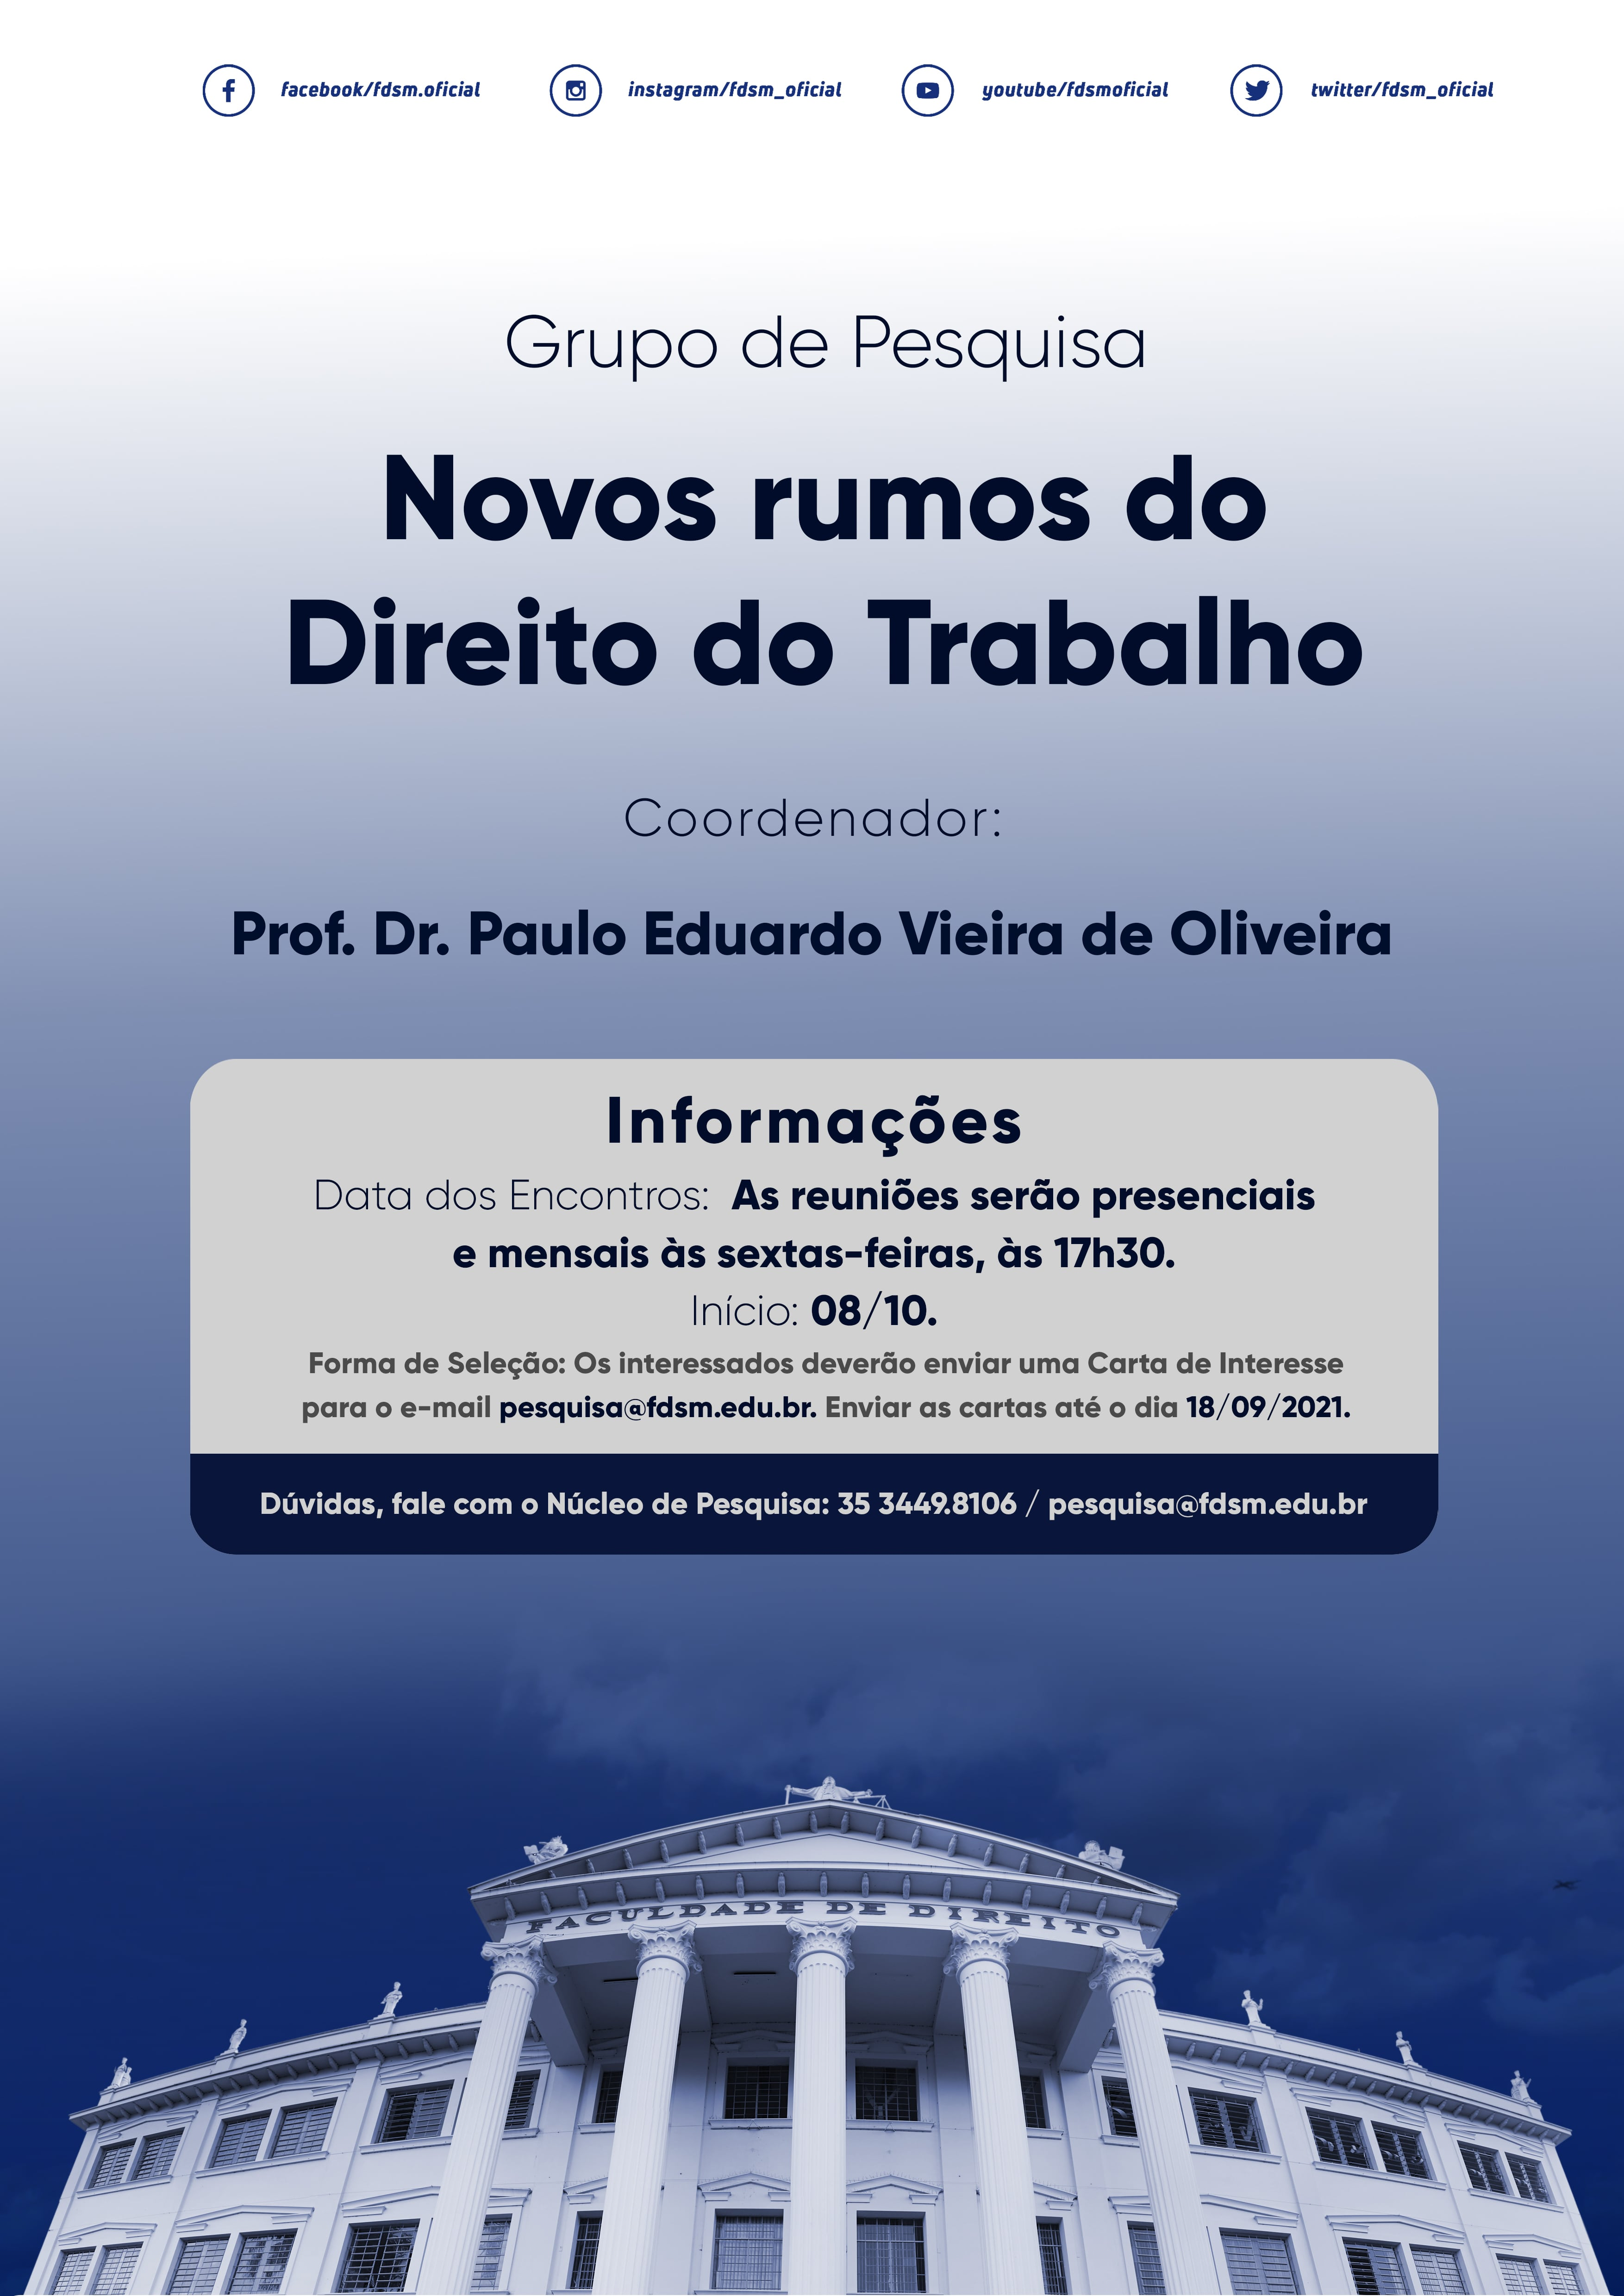 Evento 790 - GRUPO DE PESQUISA NOVOS RUMOS DO DIREITO DO TRABALHO